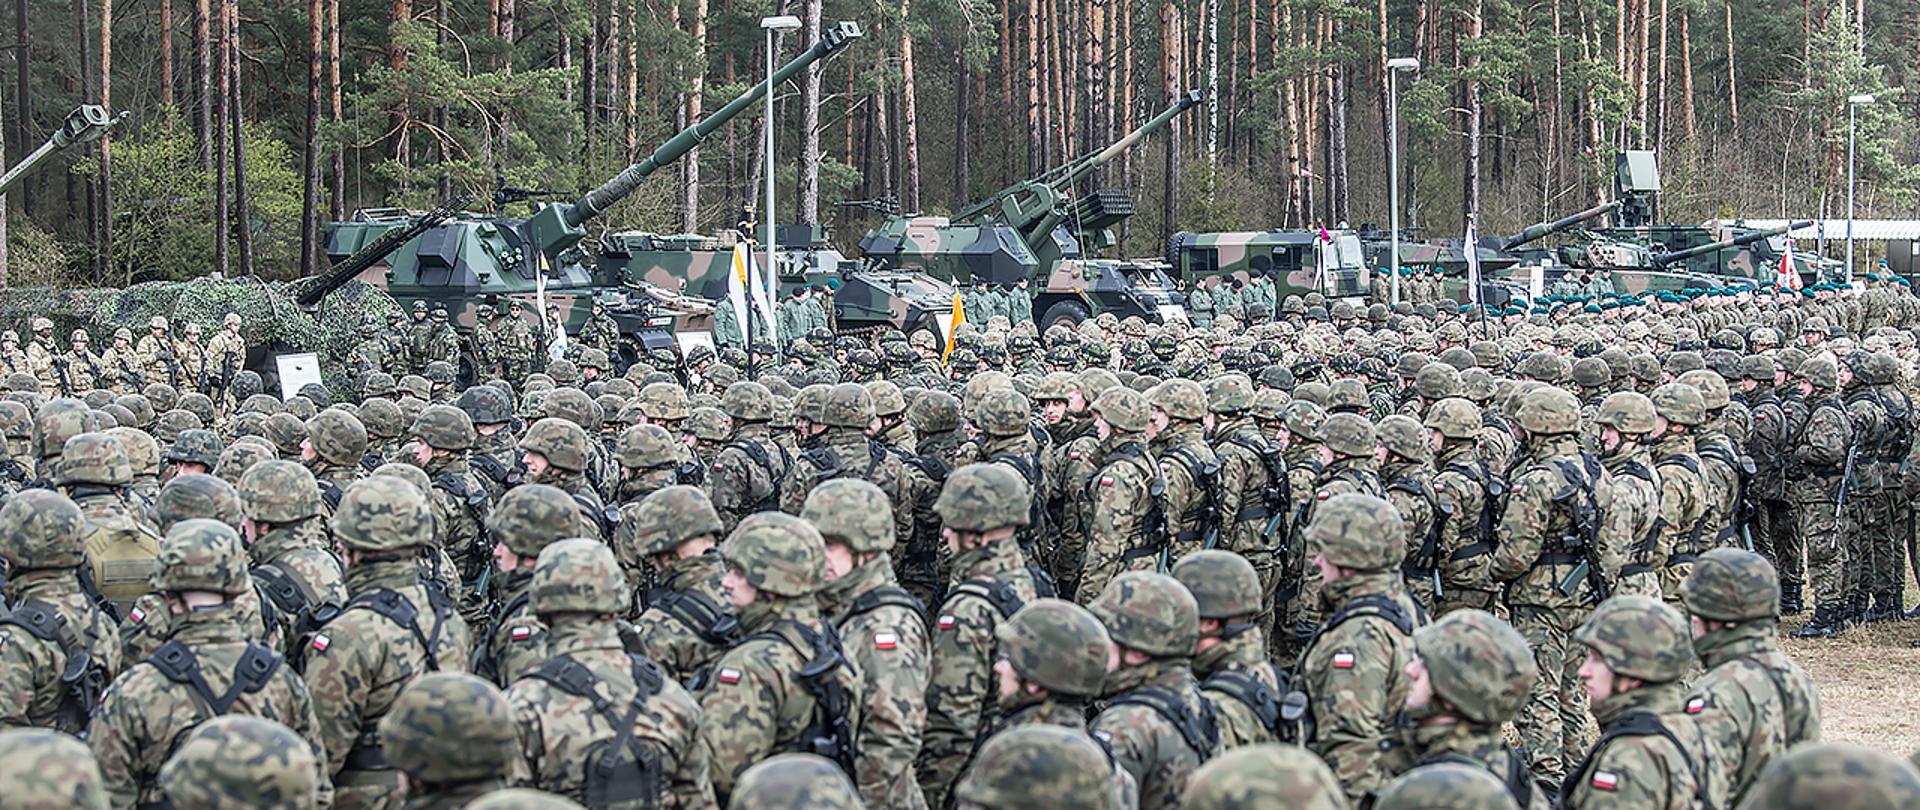 Wojskowa wyprzedaż. Co możesz kupić wprost z magazynów armii? - Zdjęcie główne